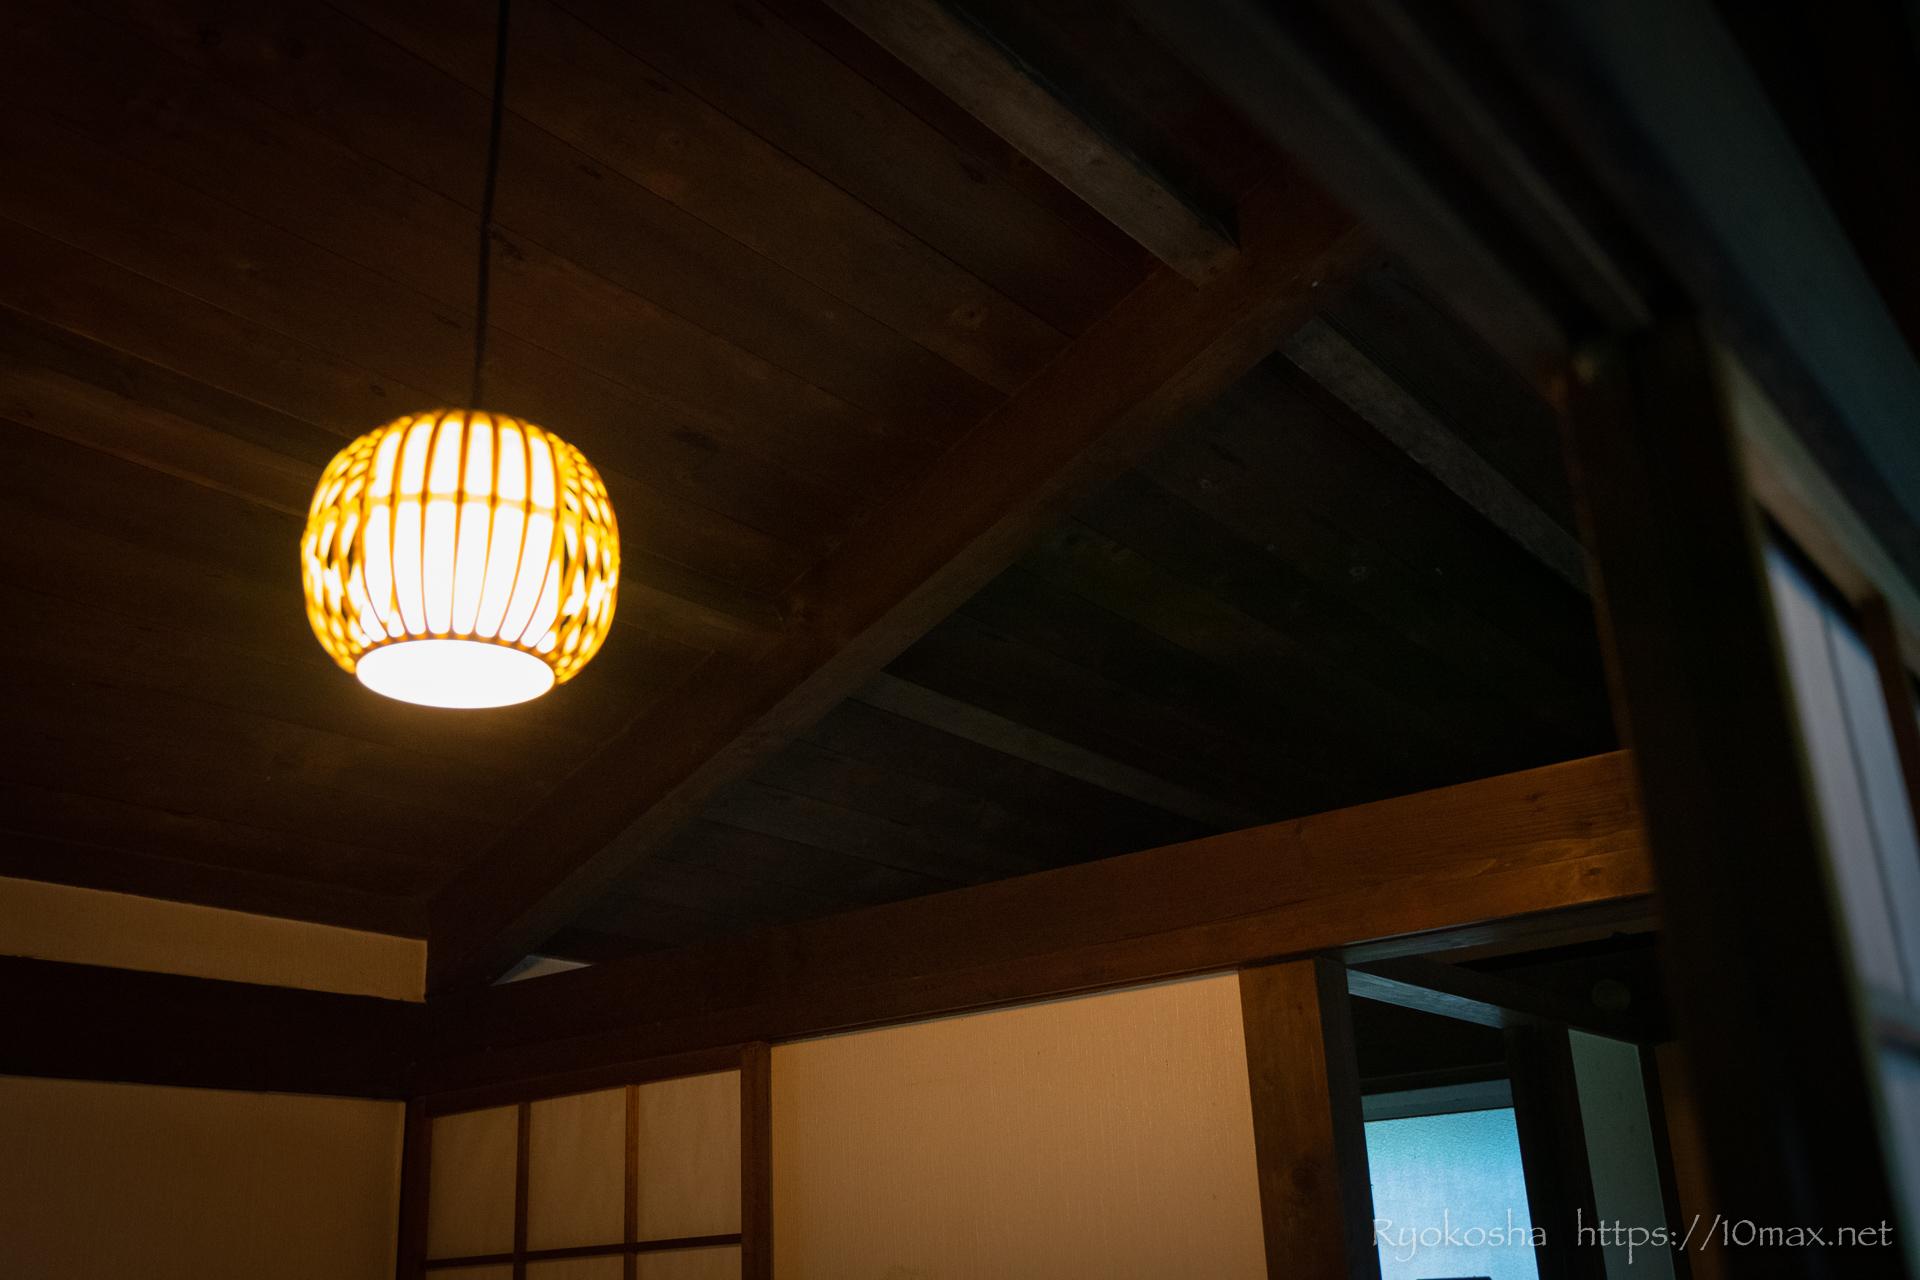 山梨県 道志村 ネイチャーランドオム 和風建築 古民家 コテージ キャンプレポ 山桜